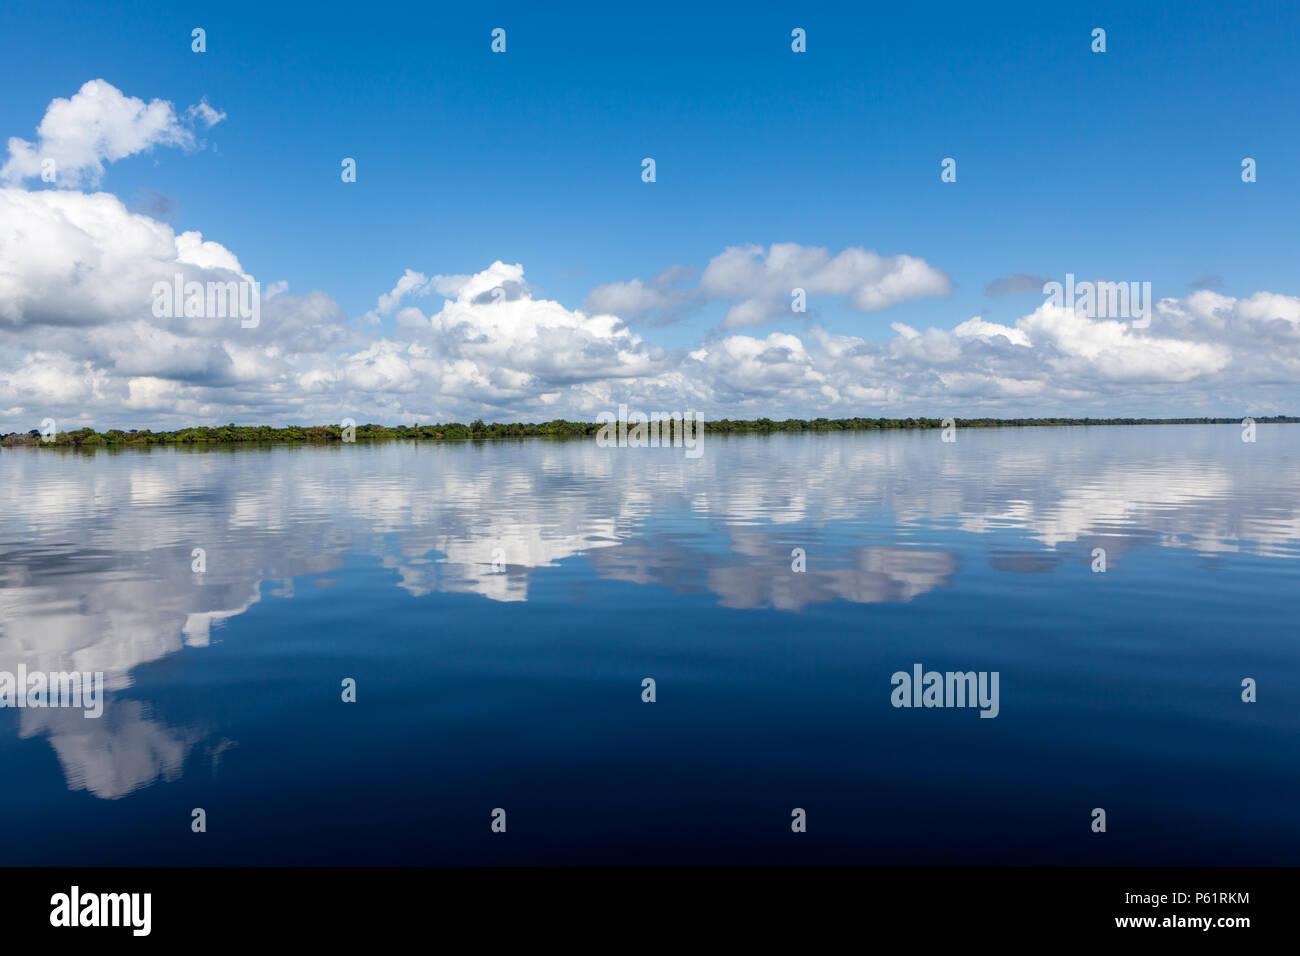 Amazonas, Brasile - banca di fiume in Amazzonia Foresta Pluviale con acque scure del fiume Rio Negro che riflette il cielo blu e nuvole e le foreste in background sul Immagini Stock